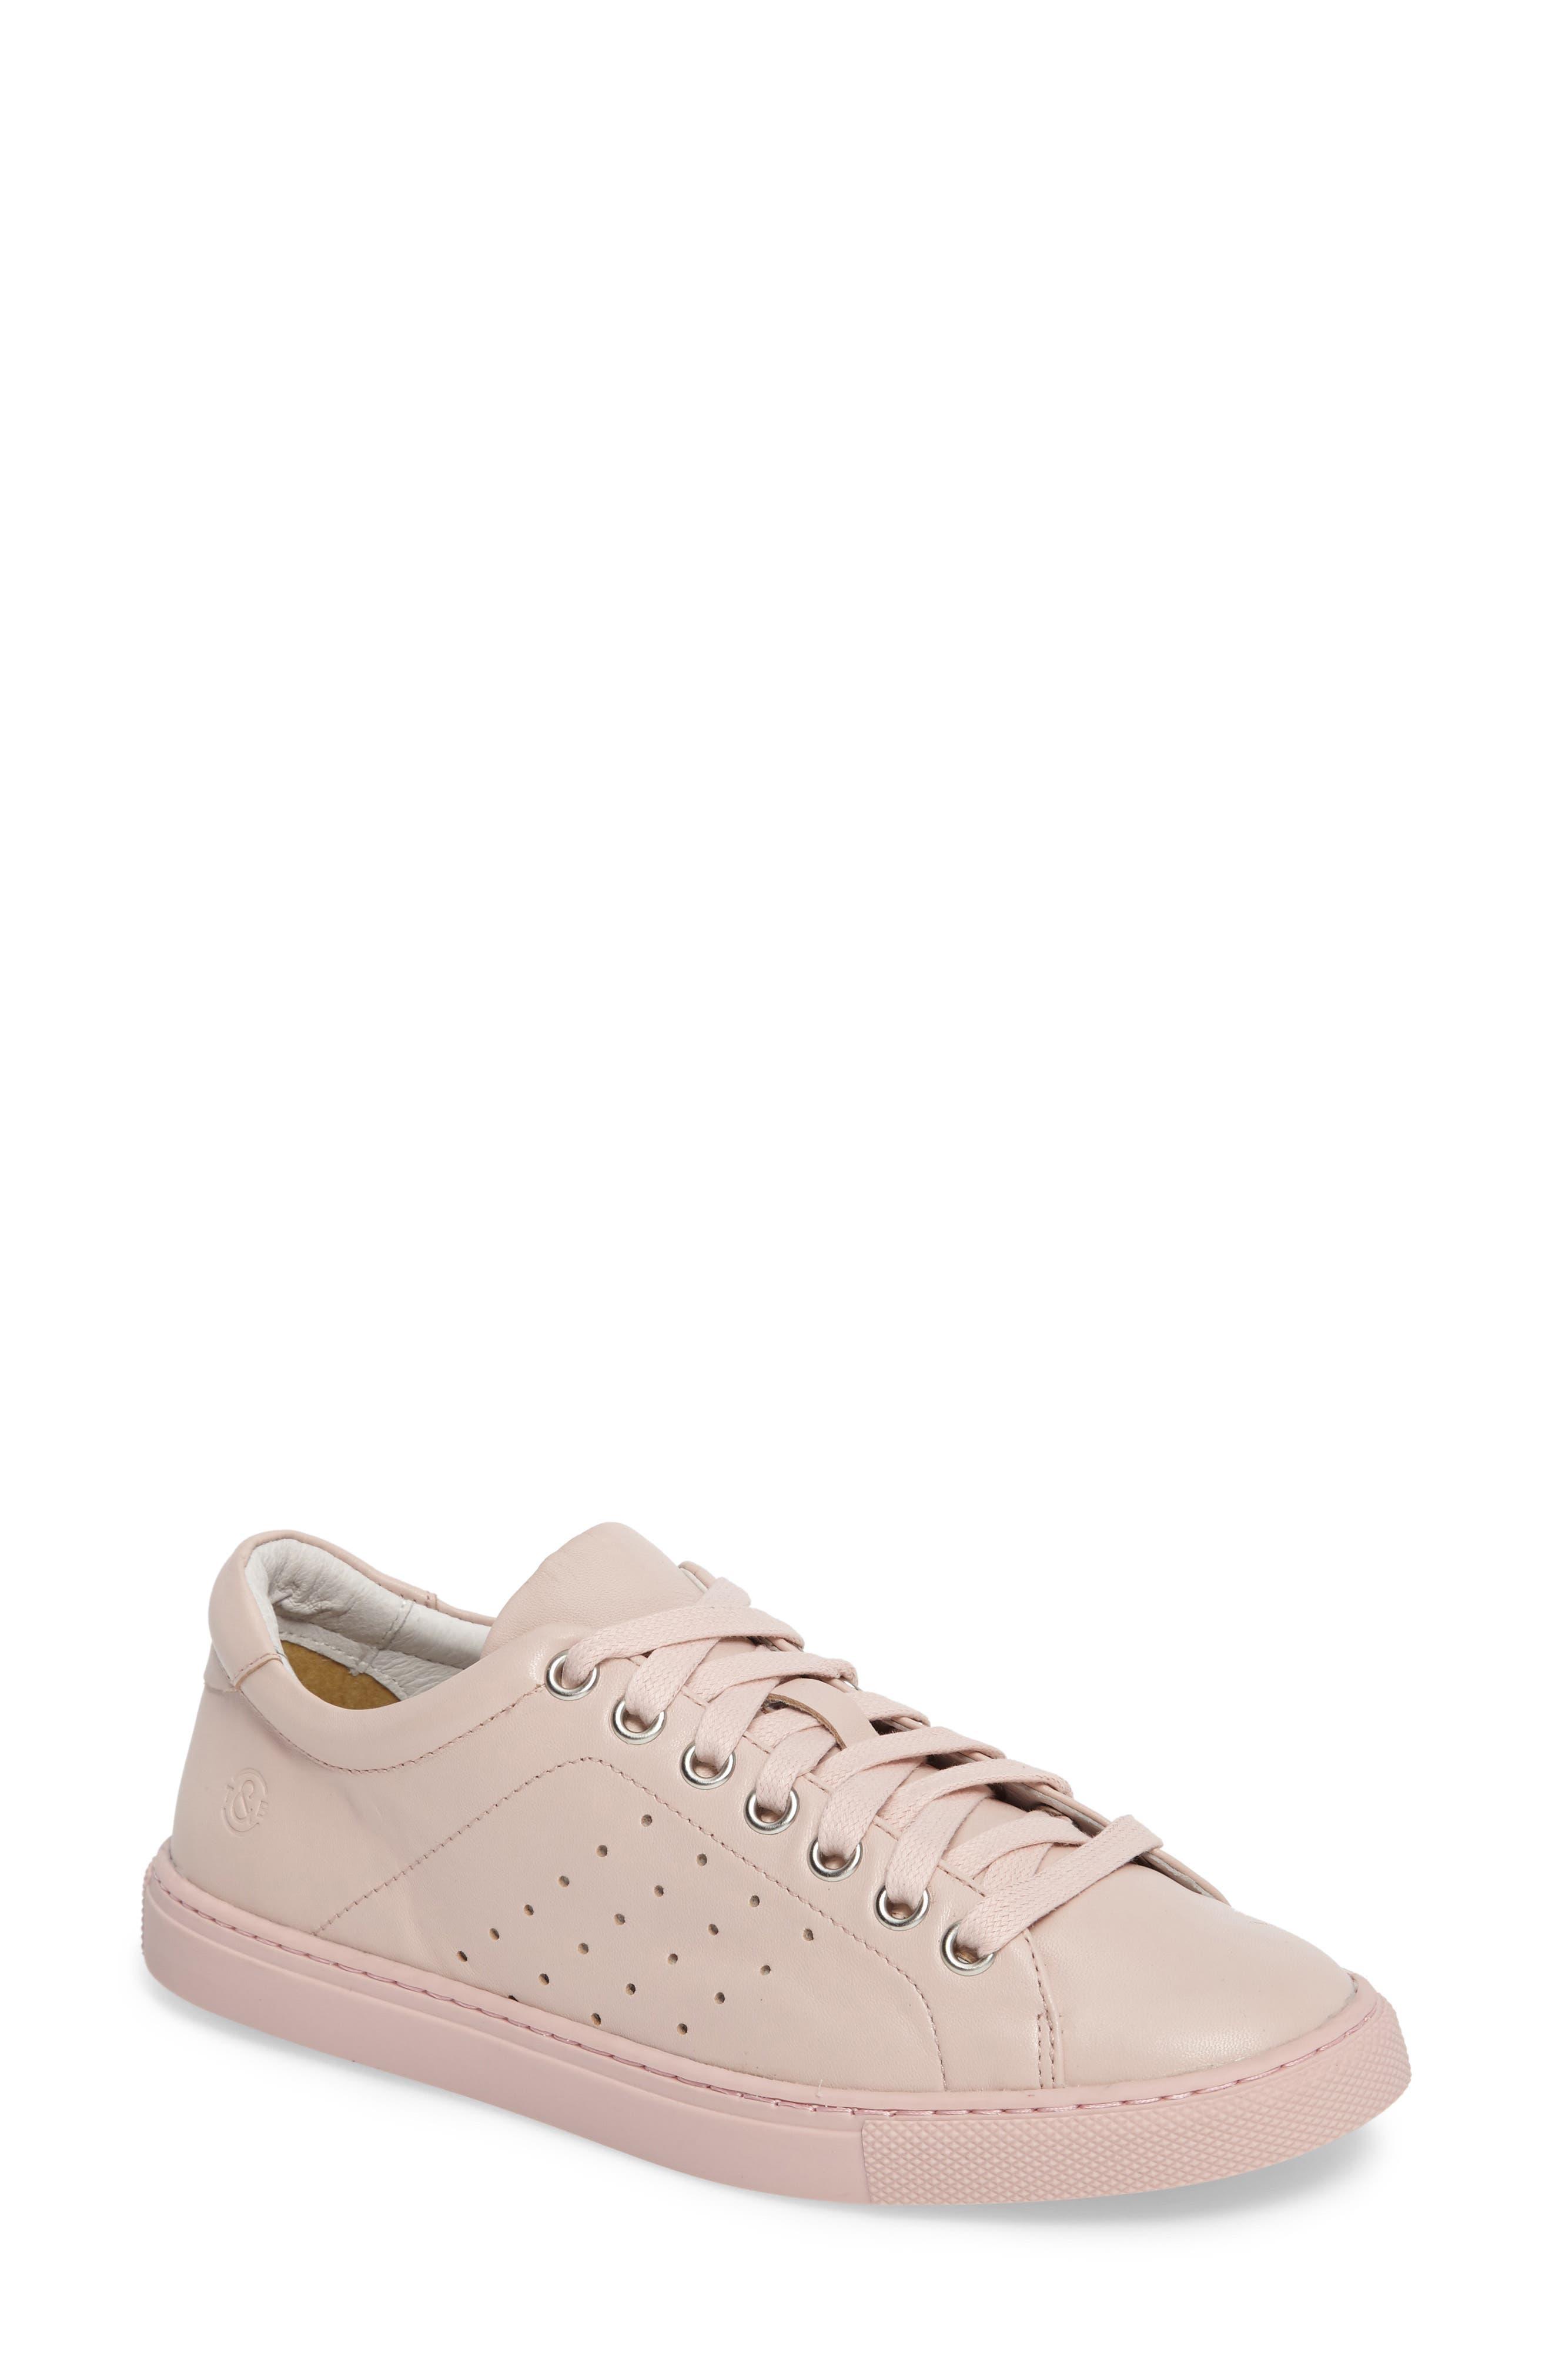 TREASURE & BOND Molo Perforated Sneaker